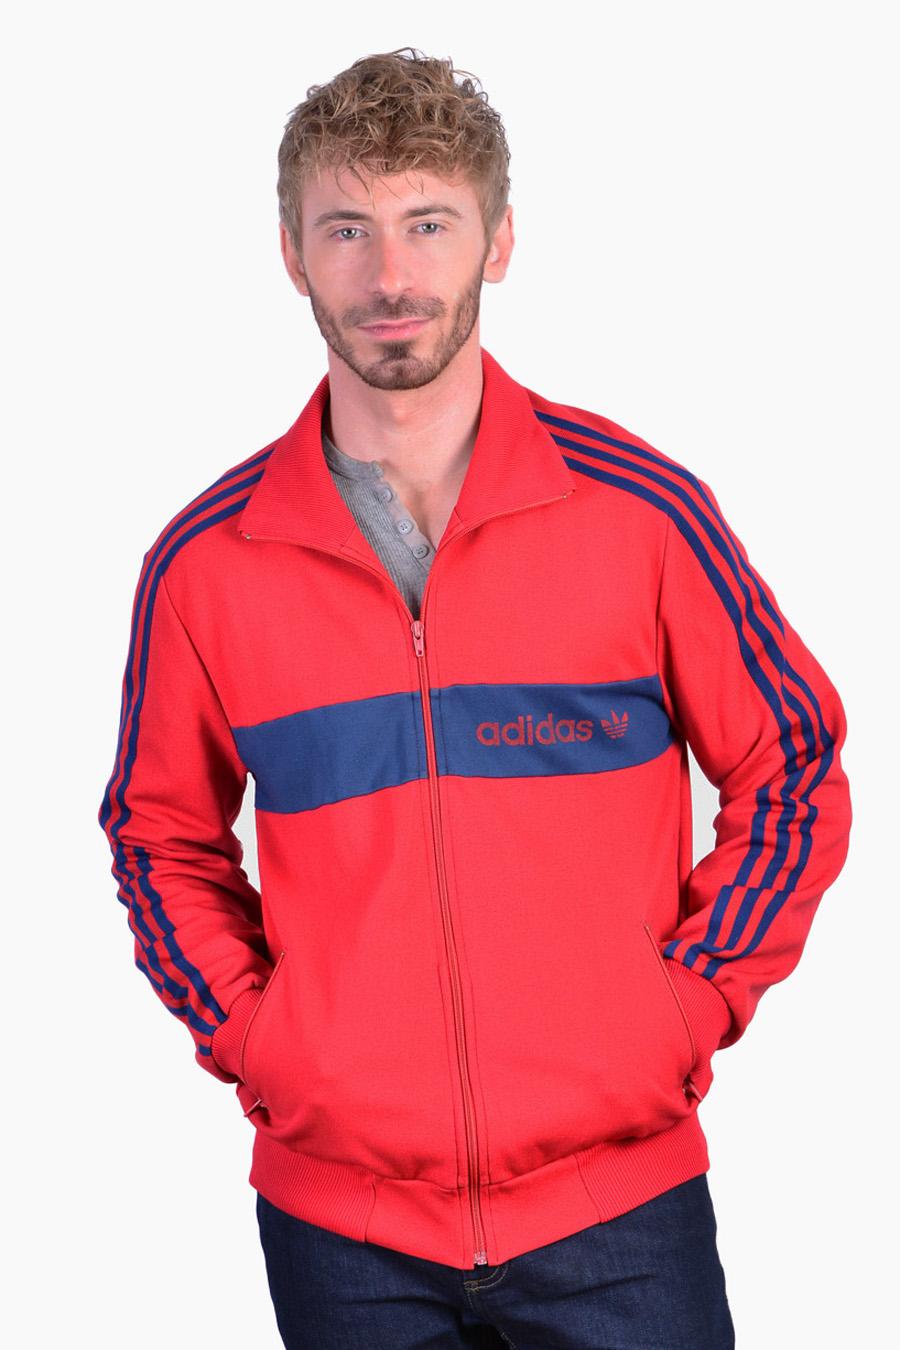 Vintage retro Adidas tracksuit jacket